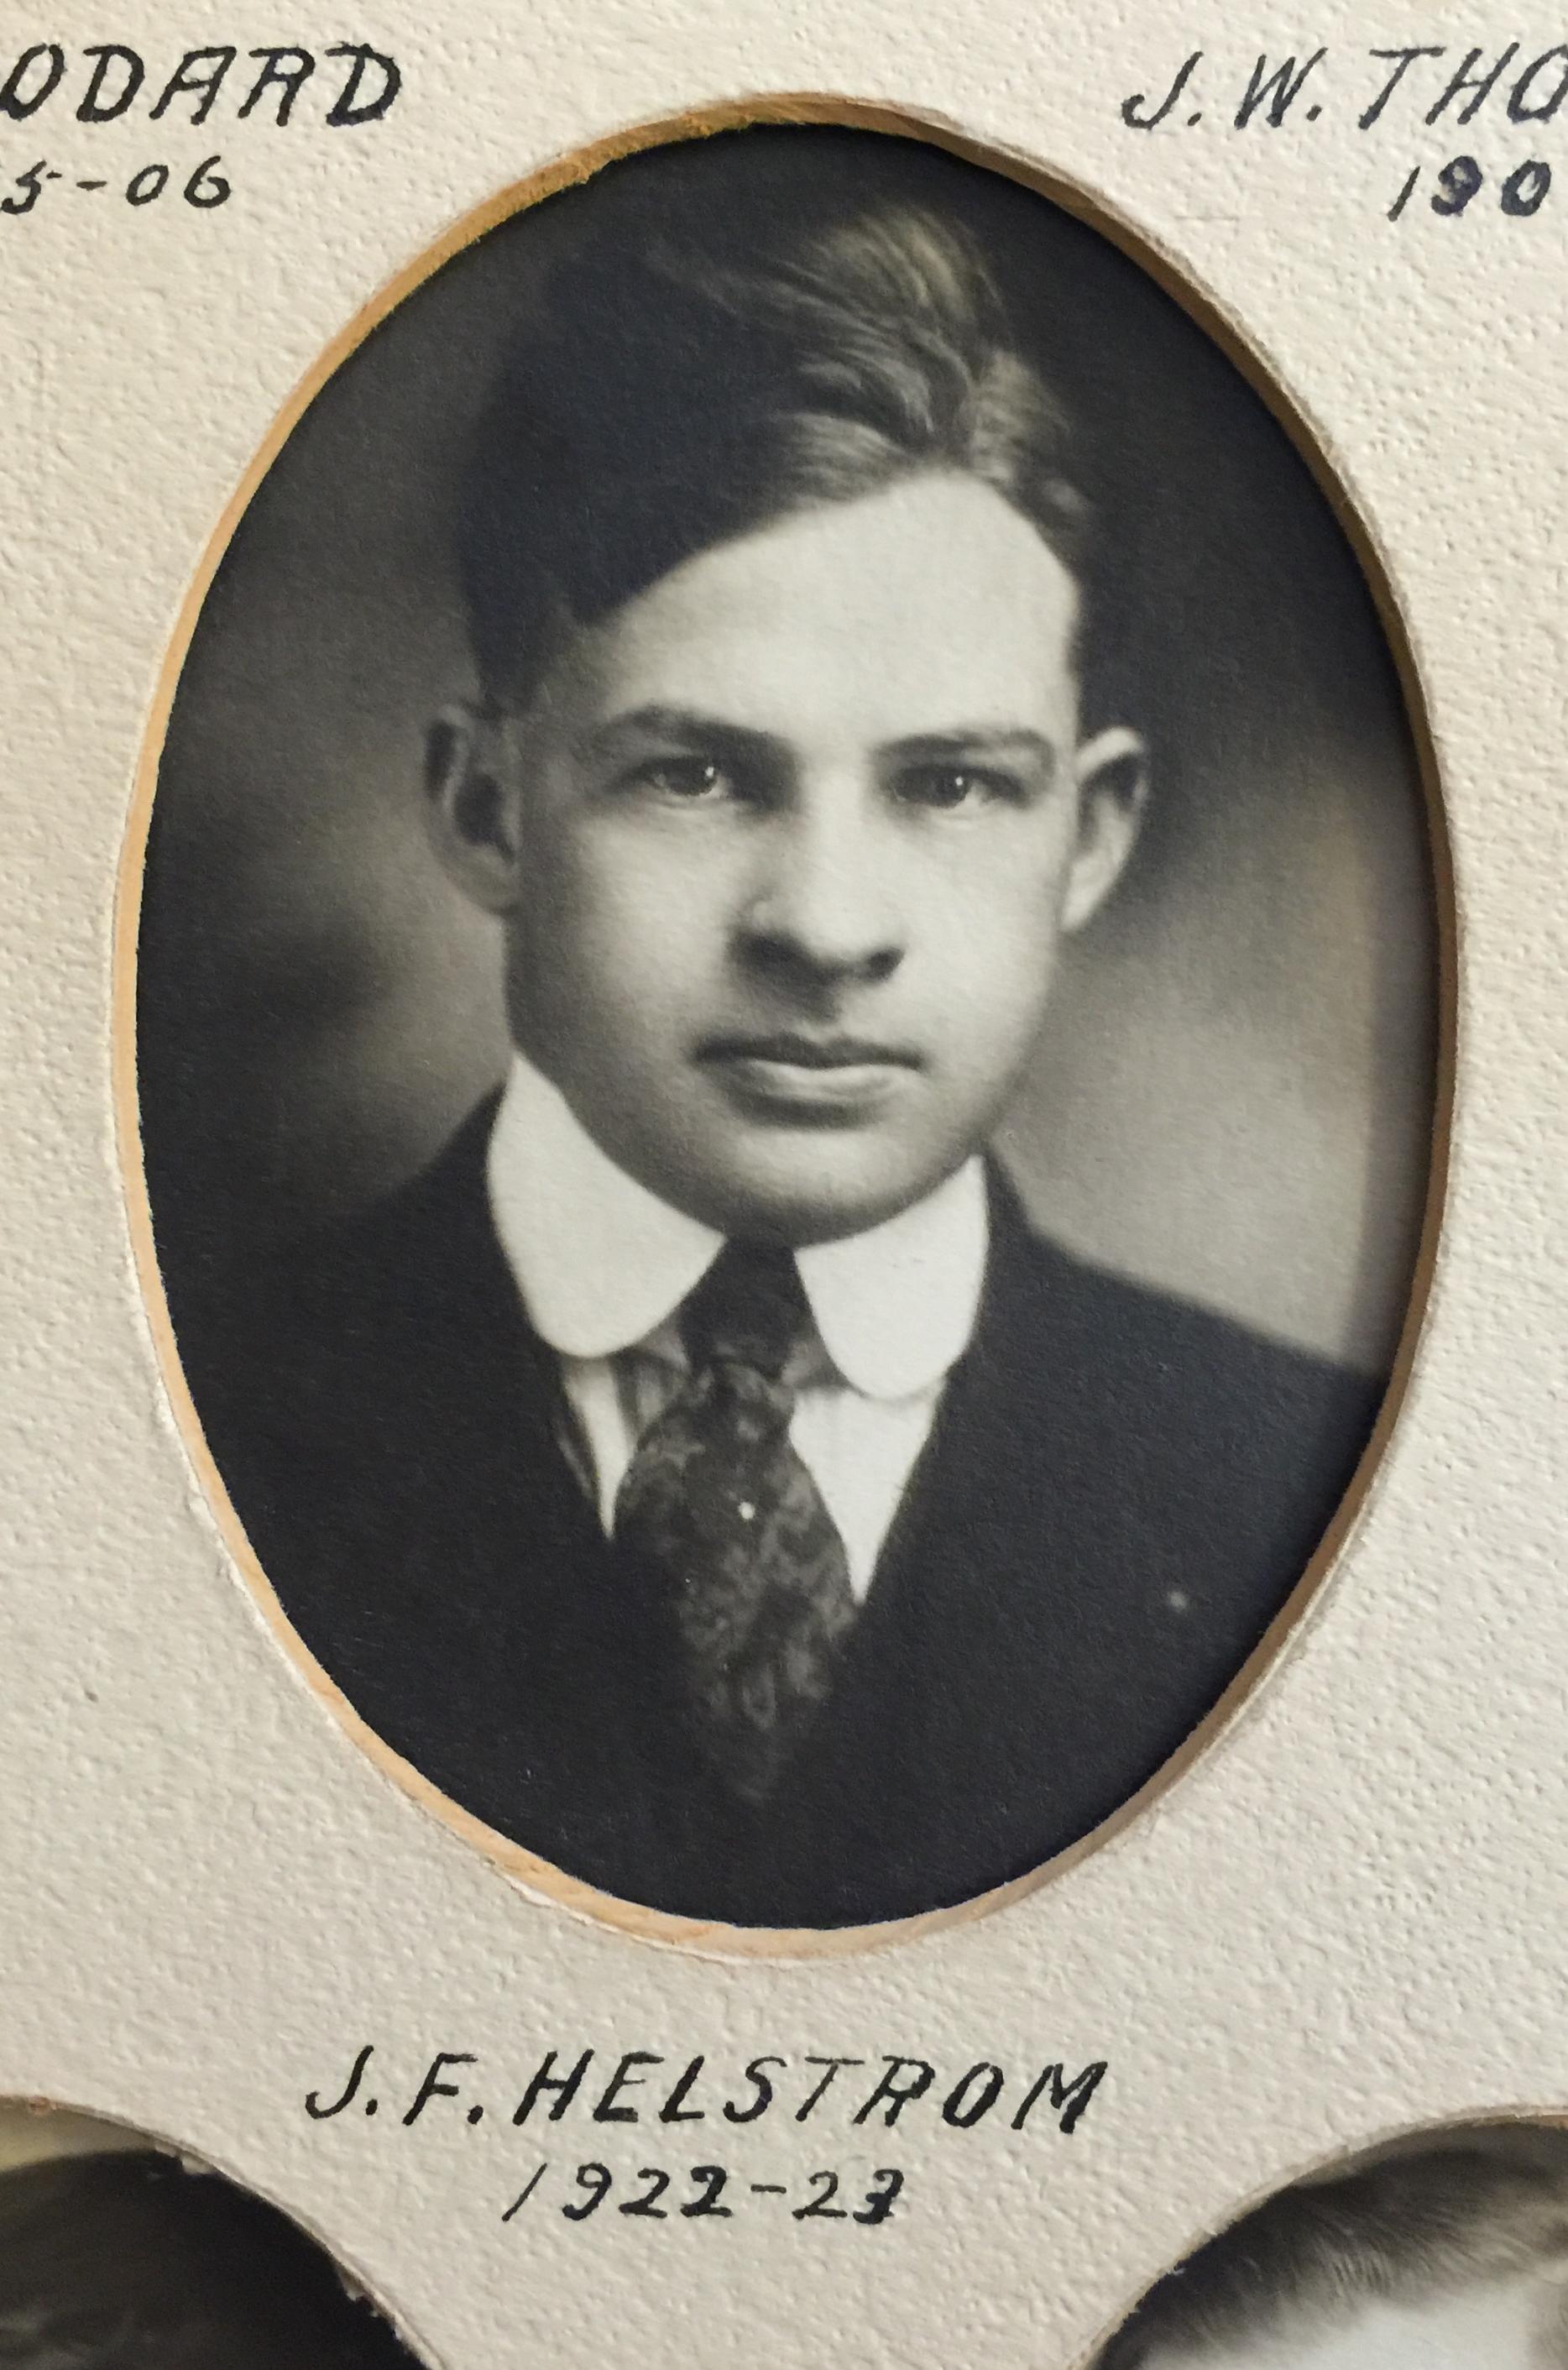 1922-1923 J.F. Helstrom